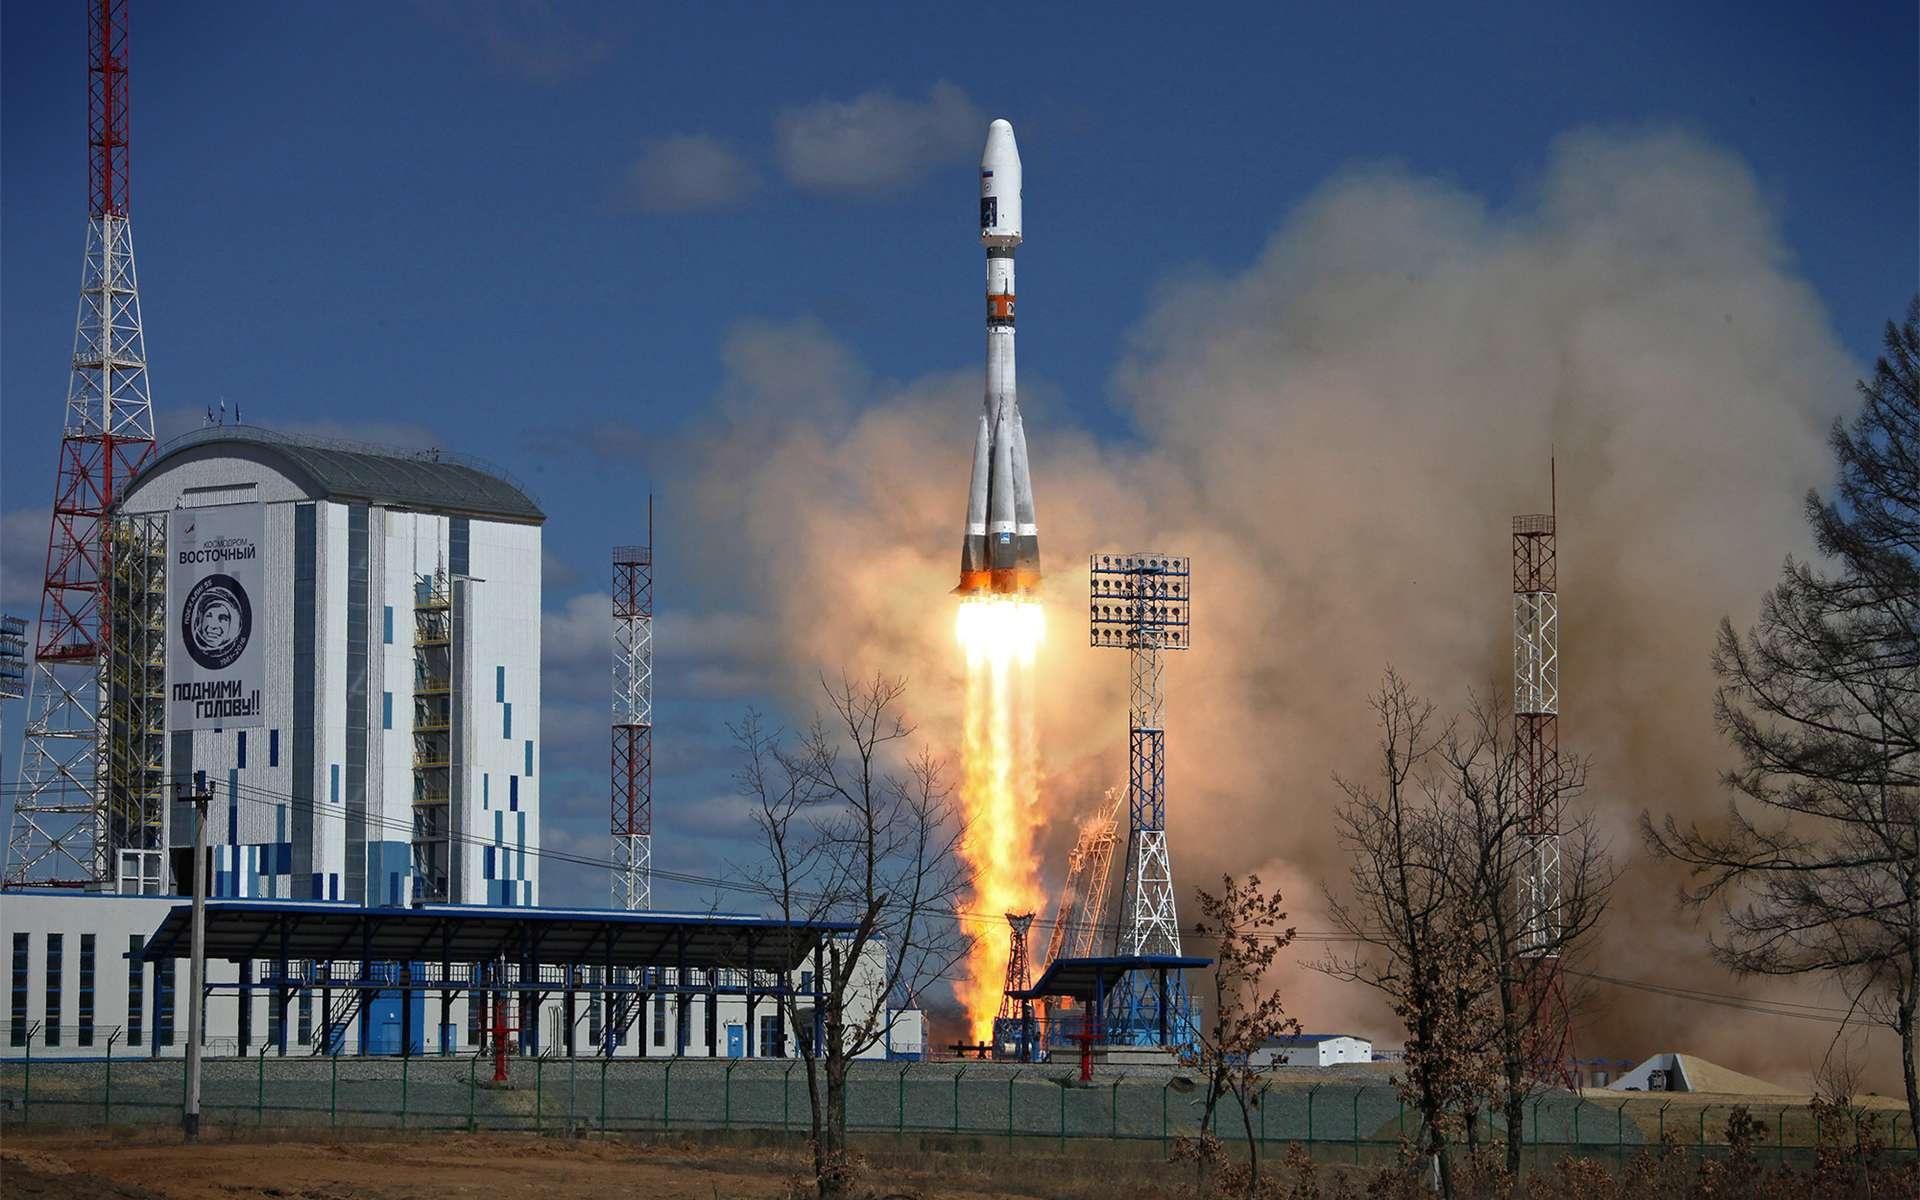 Le vol inaugural depuis le tout nouveau cosmodrome de Vostochny qui doit à terme récupérer la plus grande partie de l'activité du cosmodrome de Baïkonour. © Roscomos